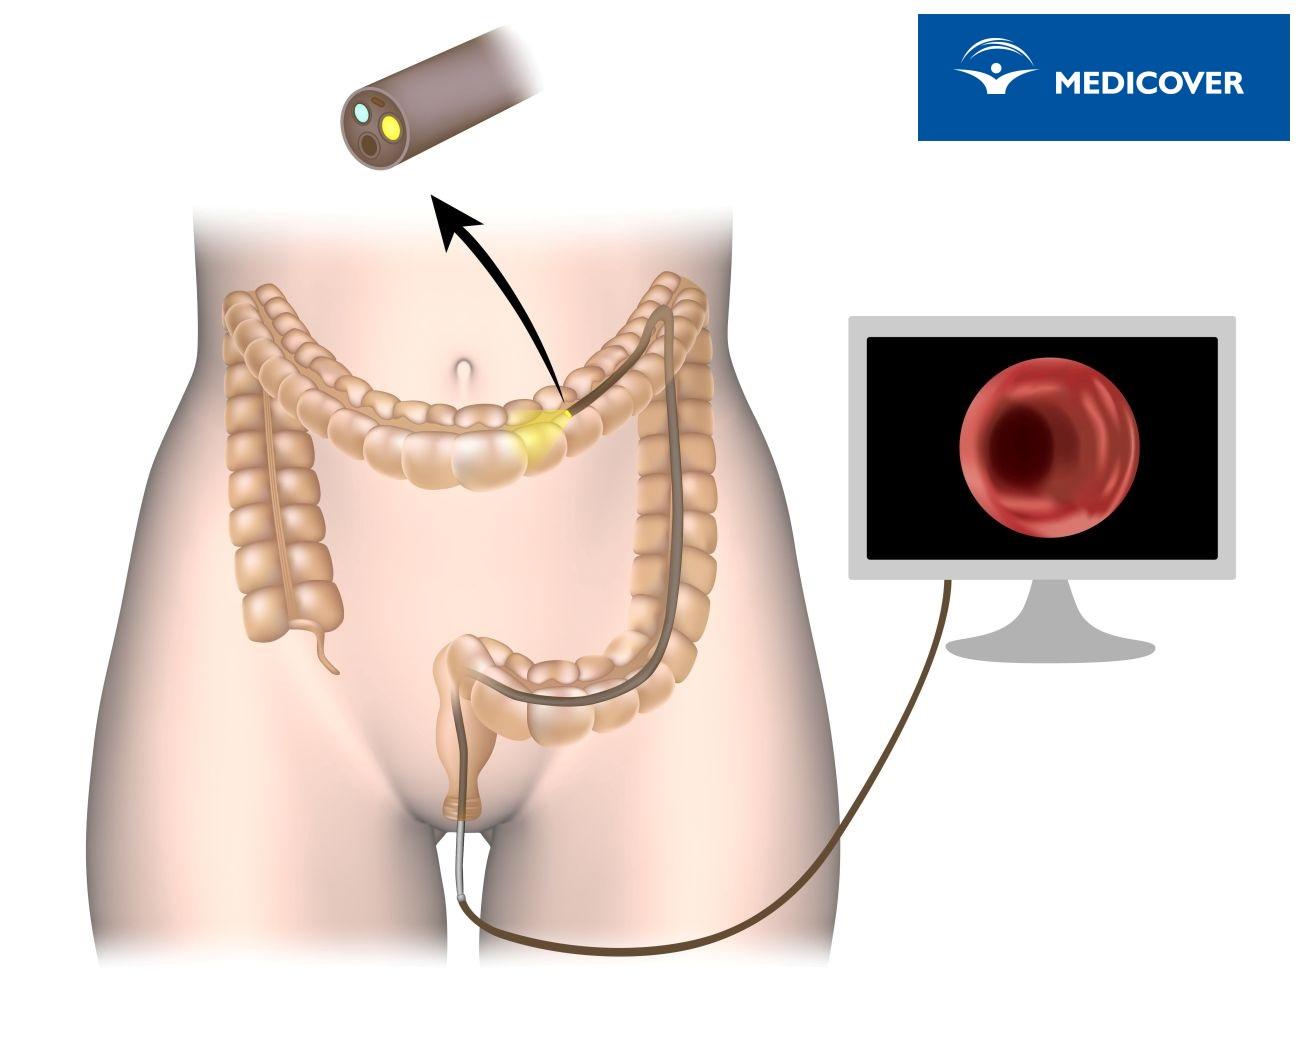 Kolonoskopia przeprowadzana jest przy użyciu kolonoskopu